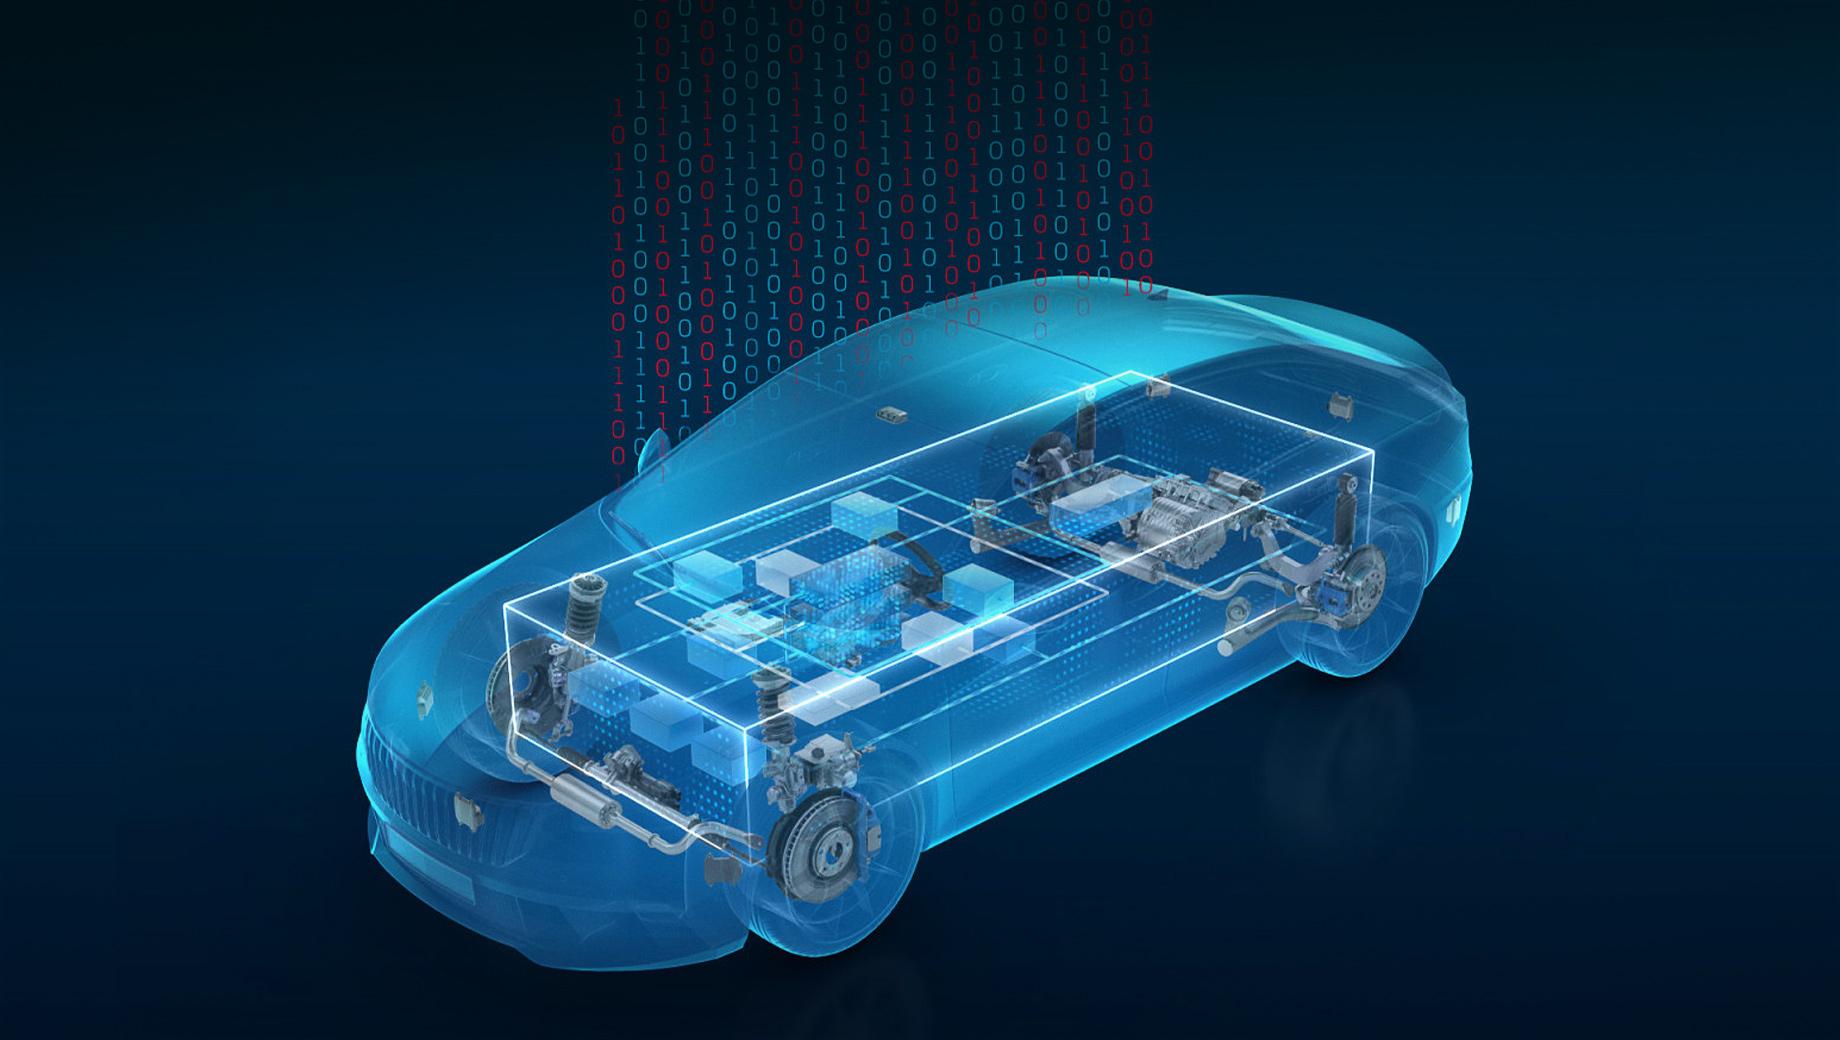 Компания ZF разработала связующий софт для автомобилей